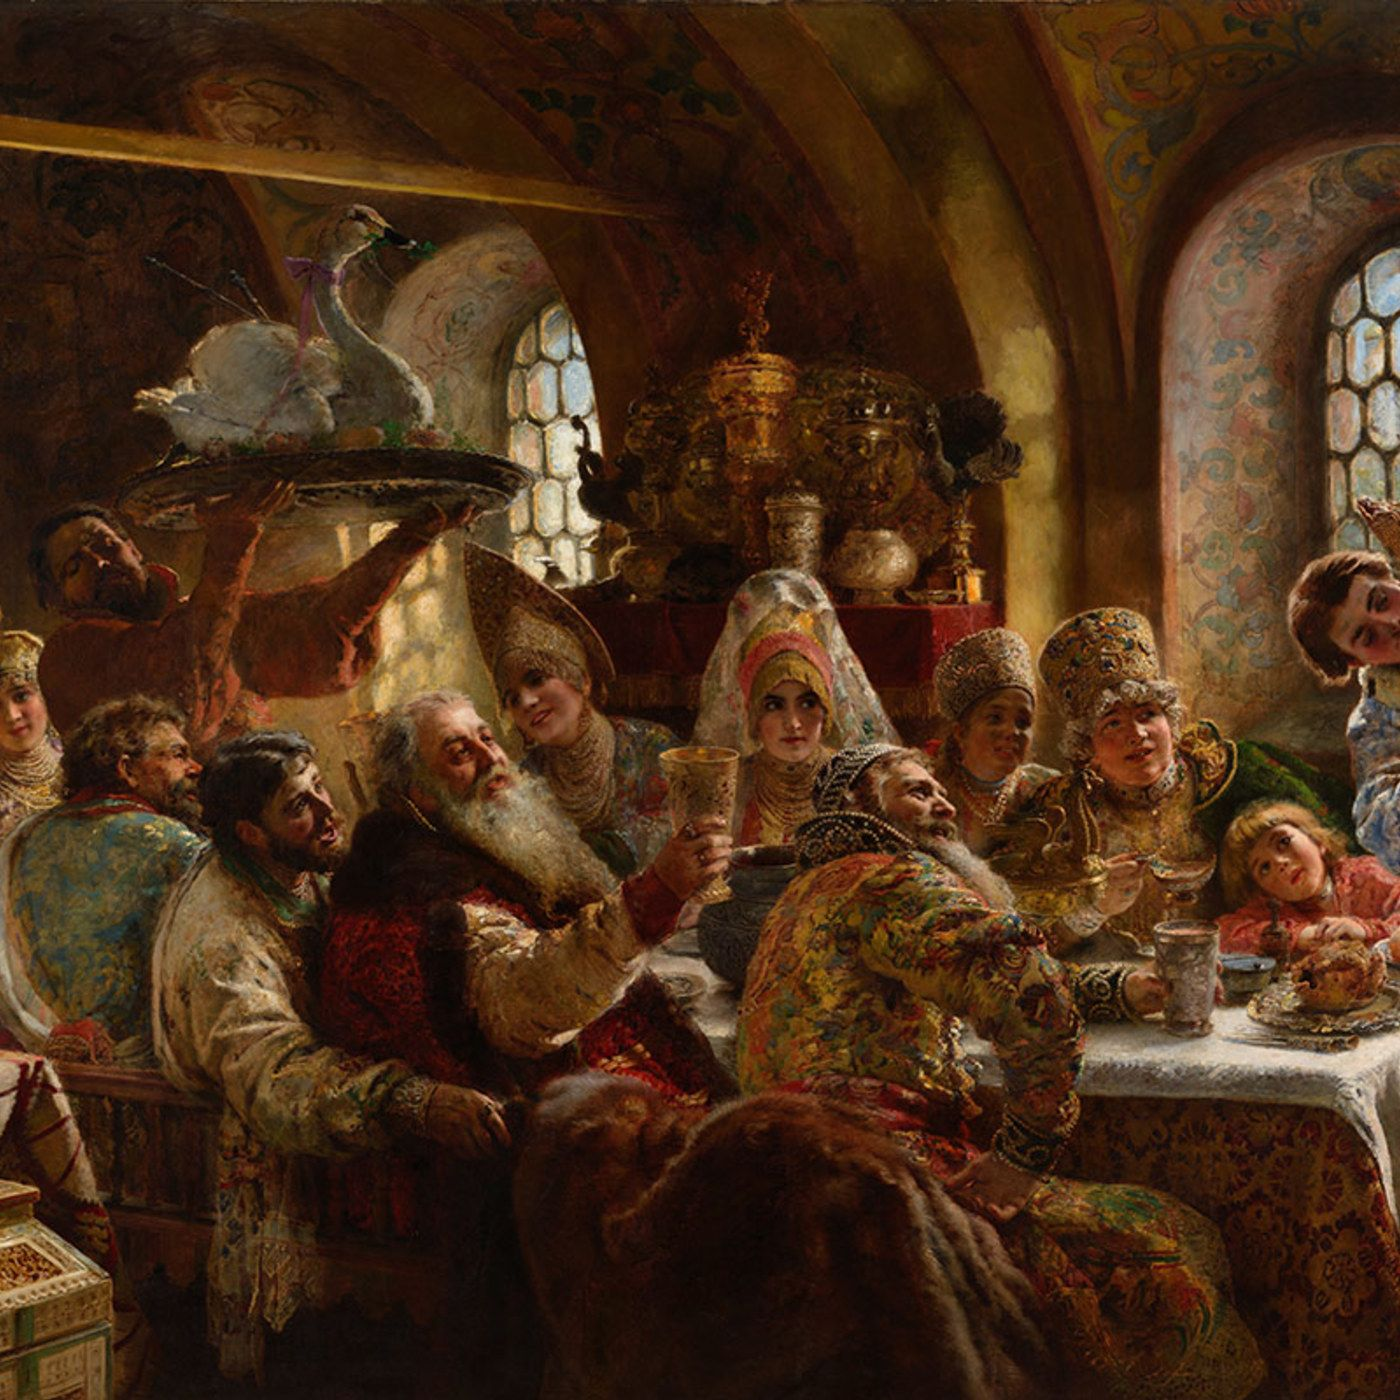 История русской еды. Лекция 1. Что мы знаем о кухне Древней Руси